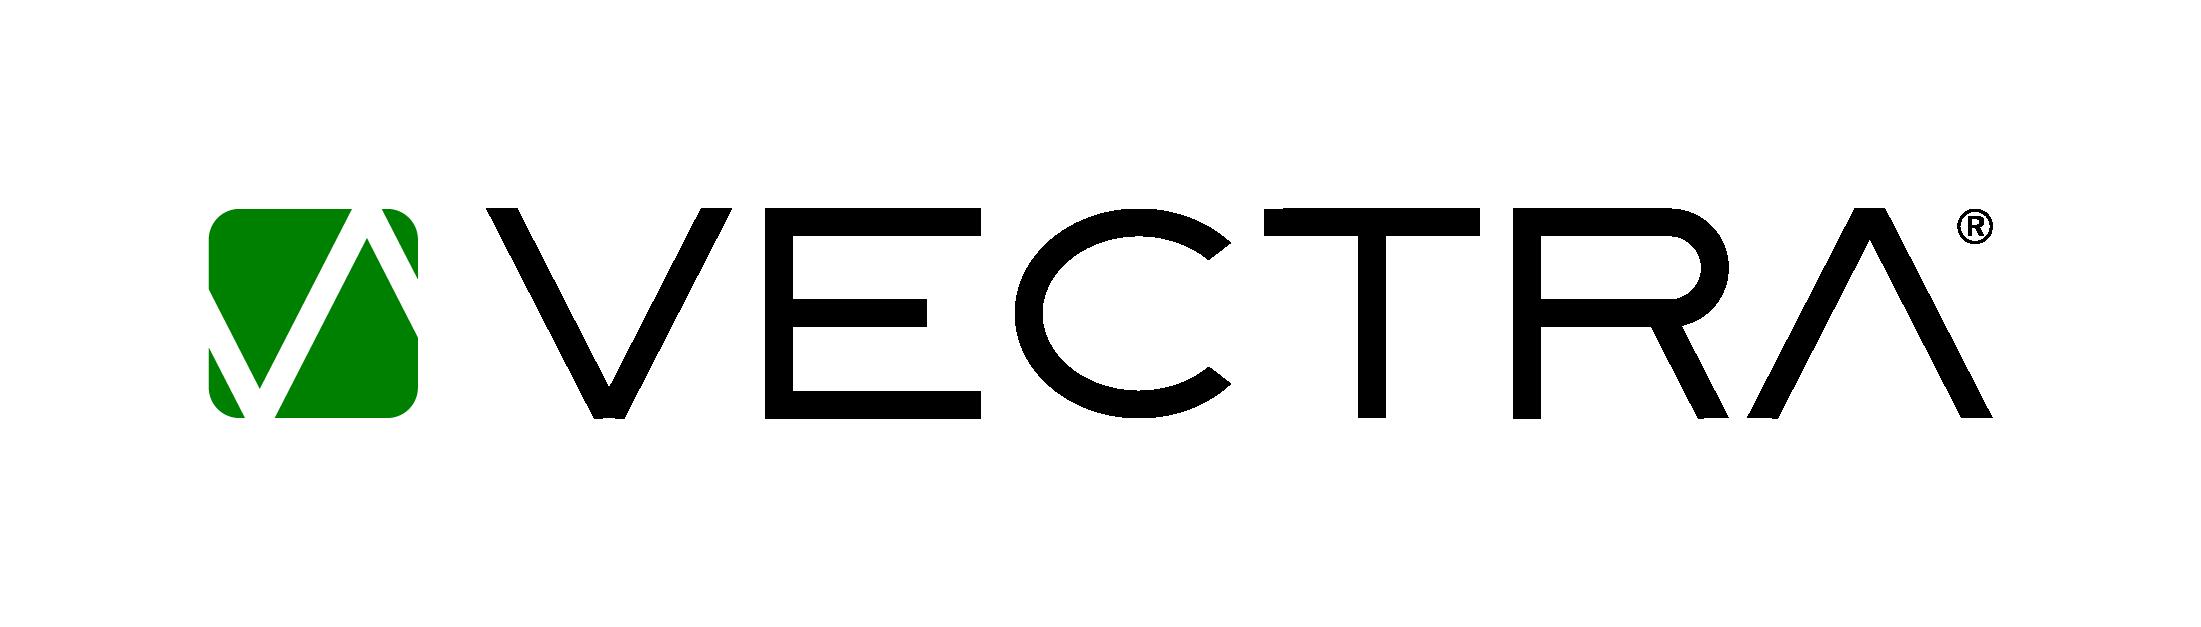 vectra logo 2